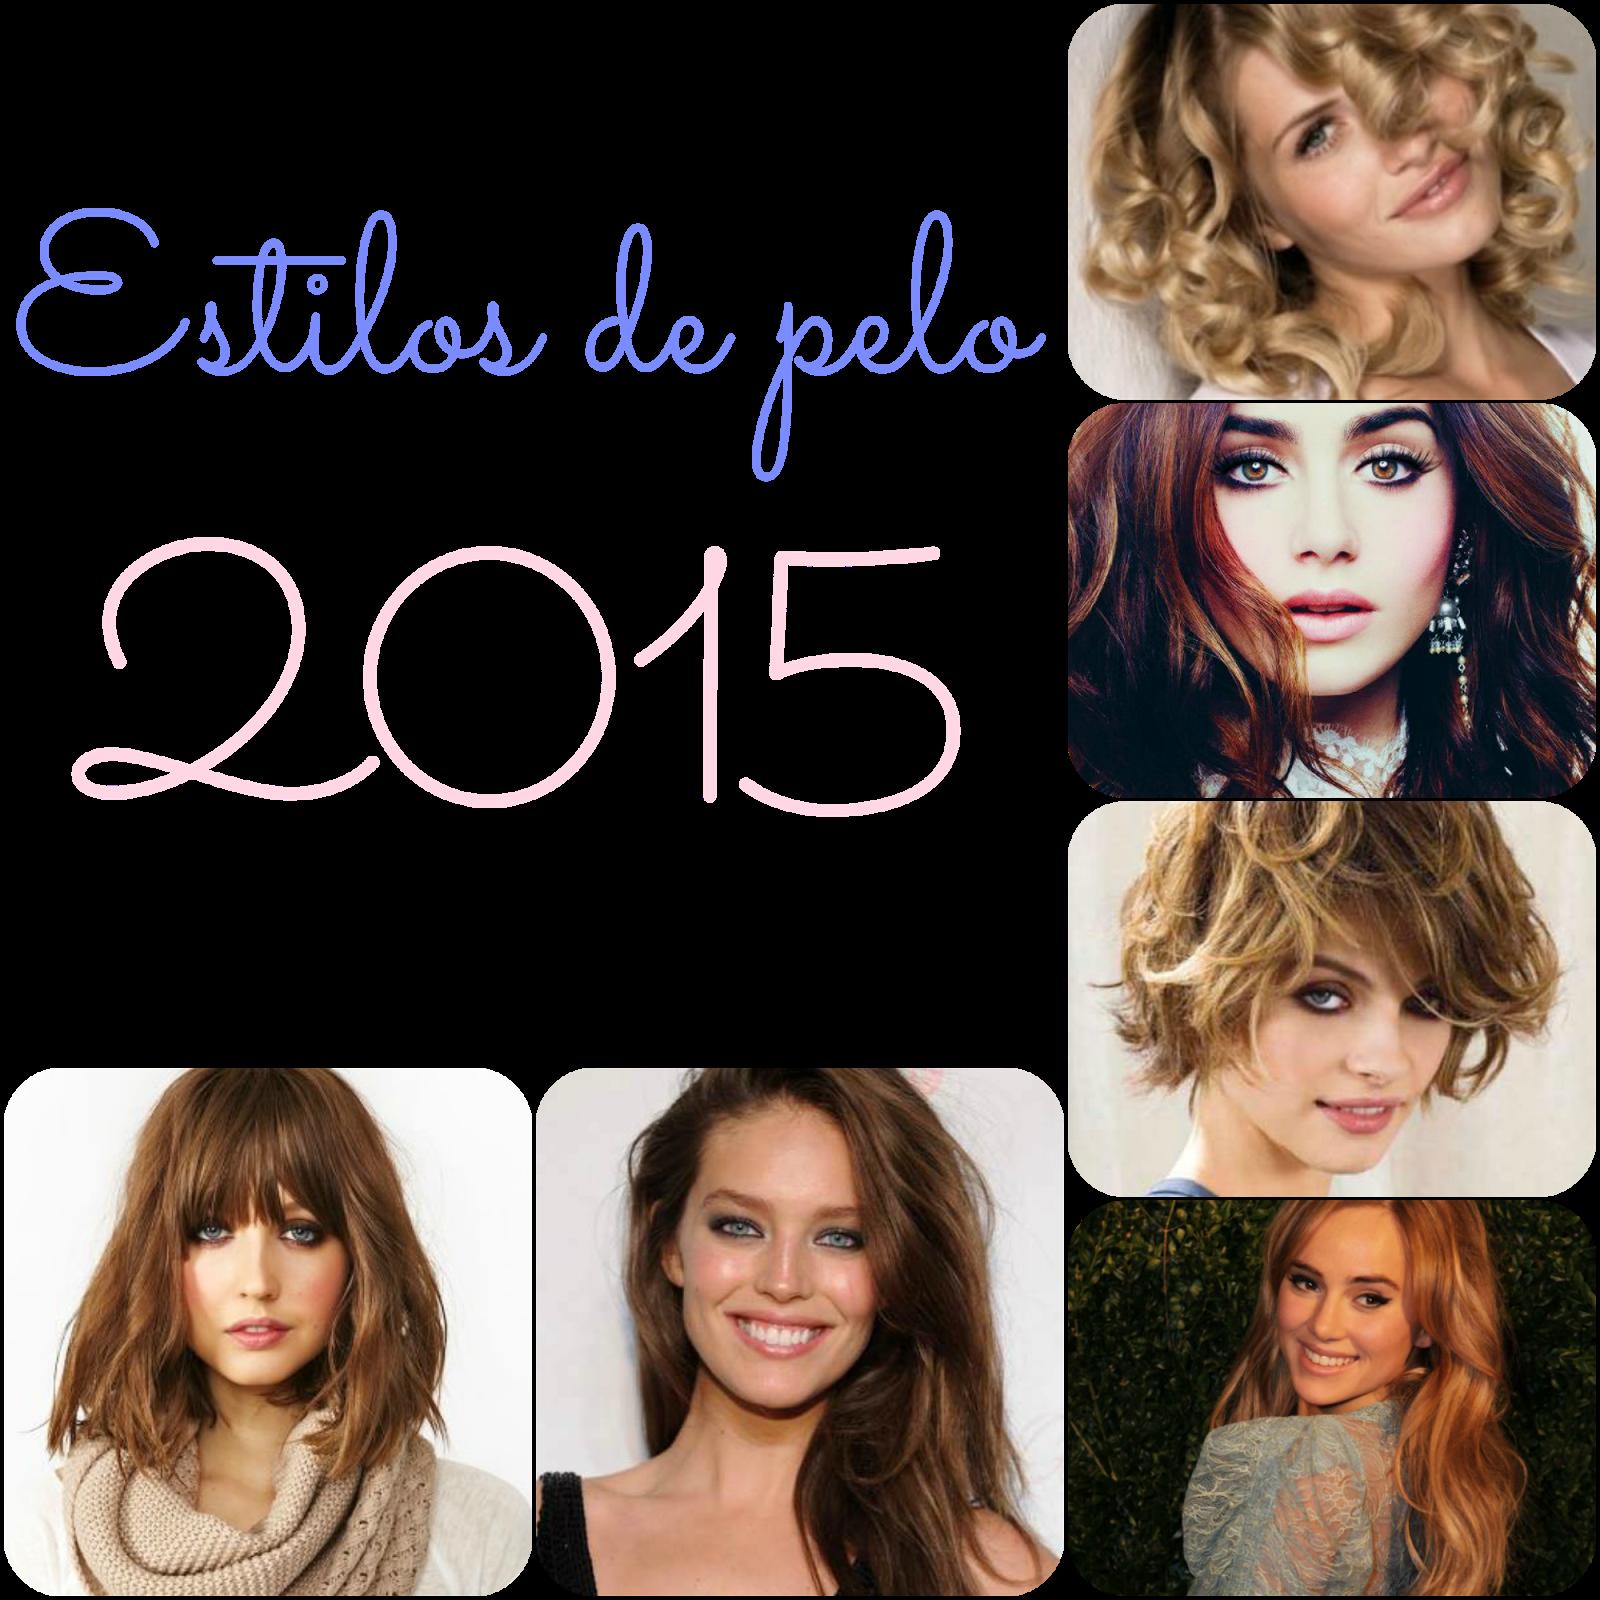 Alas de mariposa: Los mejores look`s para el 2015: Peinados Midi http://tmarinez.blogspot.com.es/2015/02/los-mejores-looks-para-el-2015-peinados.html#more